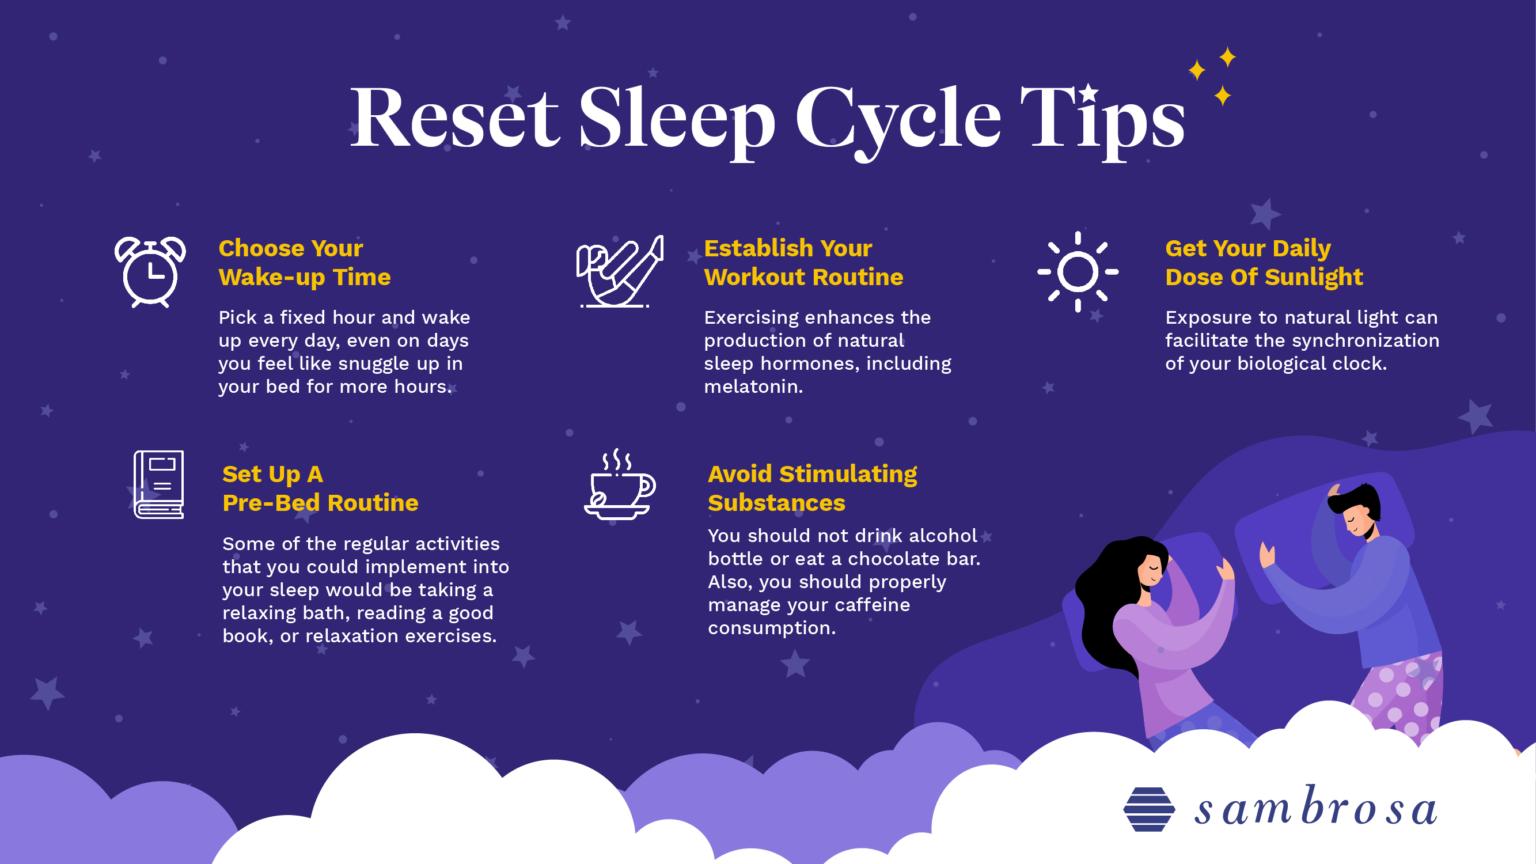 Reset sleep cycle tips